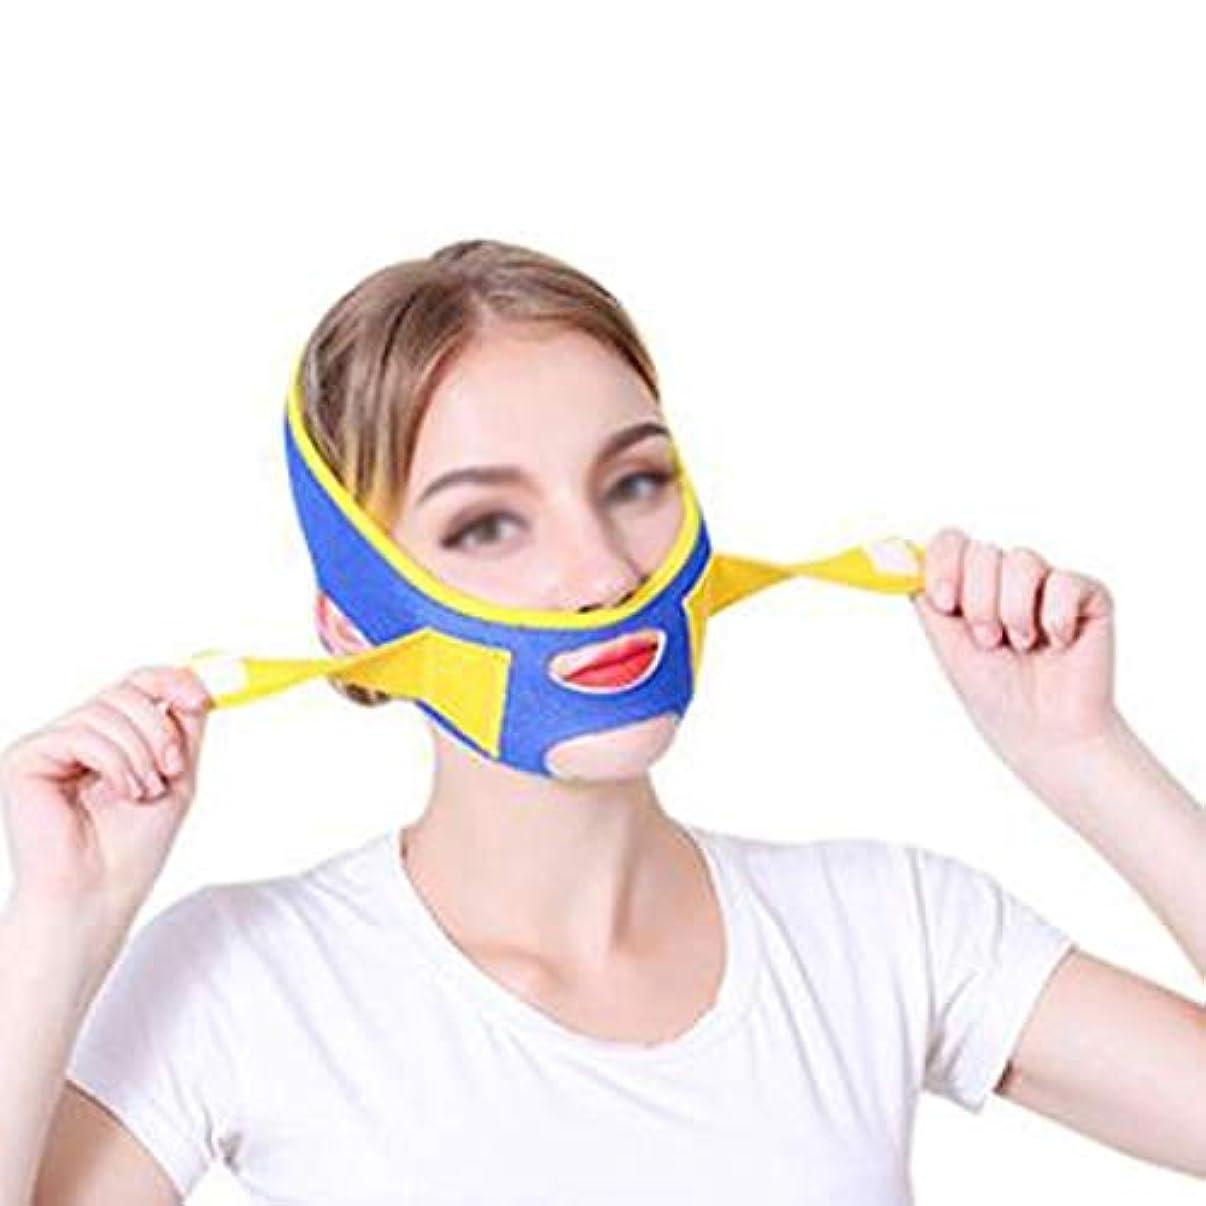 非常に怒っています計算滞在ZWBD フェイスマスク, リフティングフェイスマスク抗たるみVフェイスリフティング包帯を布布する薄い二重あご通気性睡眠マスクギフト